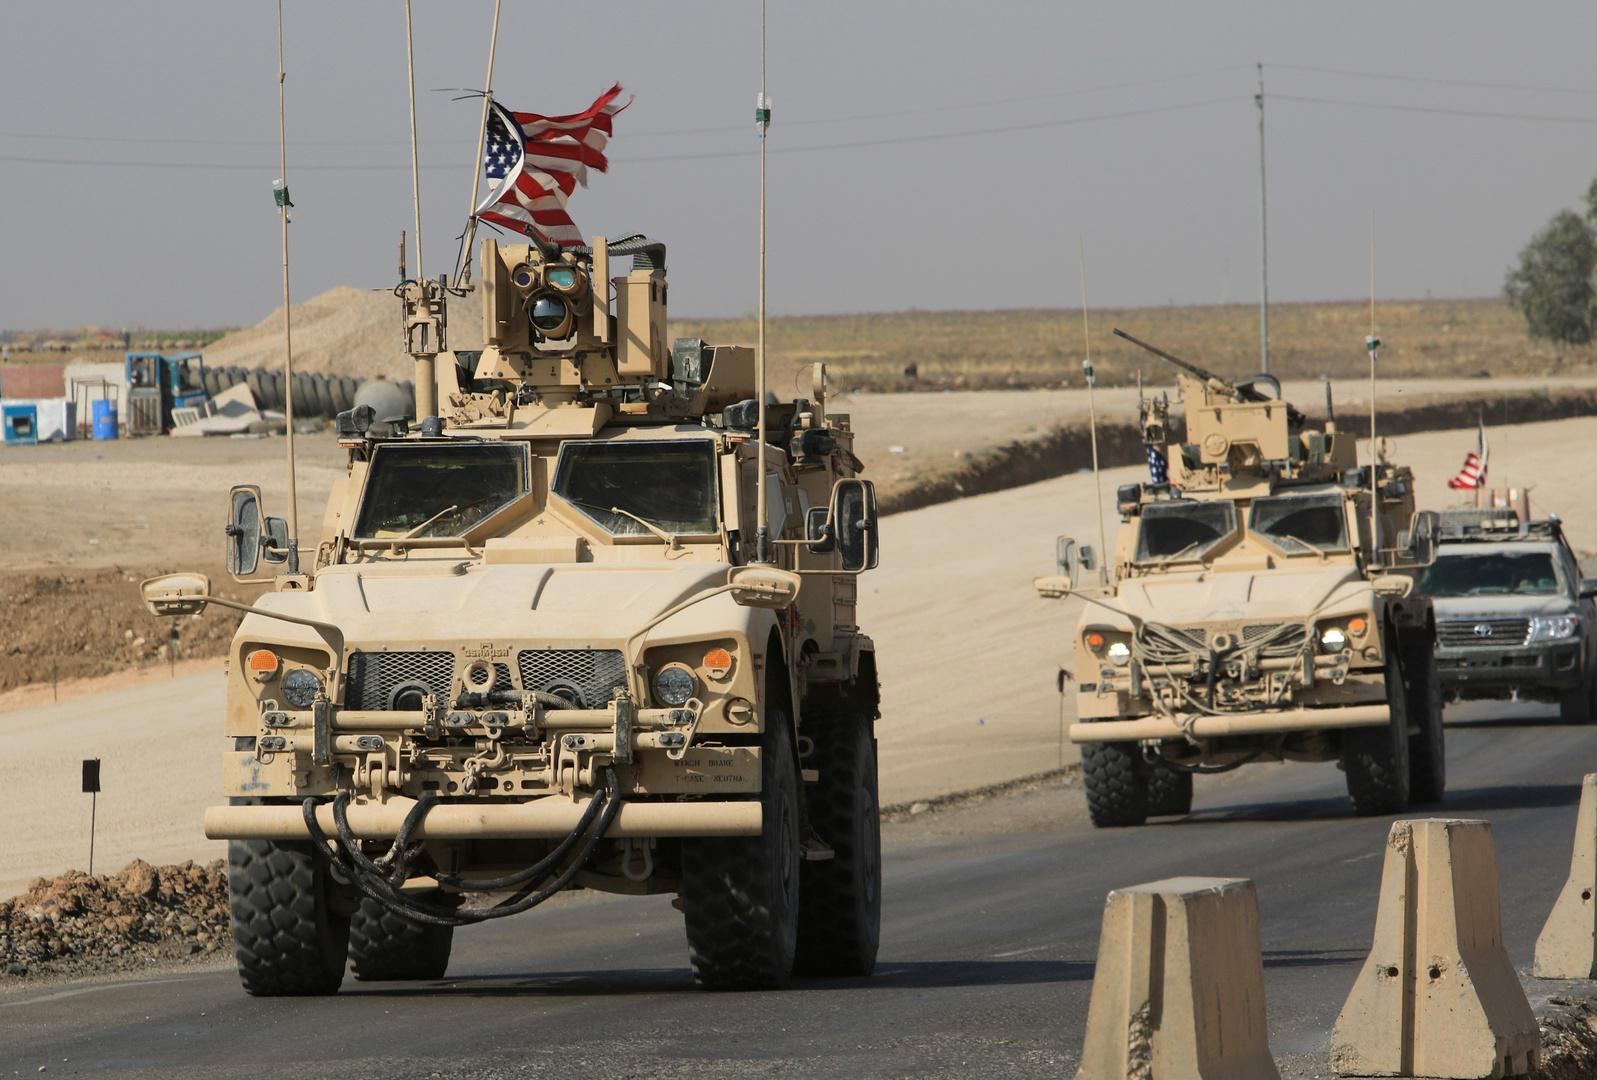 نيويورك تايمز: الولايات المتحدة هاجمت قاعدة إطلاق طائرات مسيرة لجماعات موالية لإيران في العراق